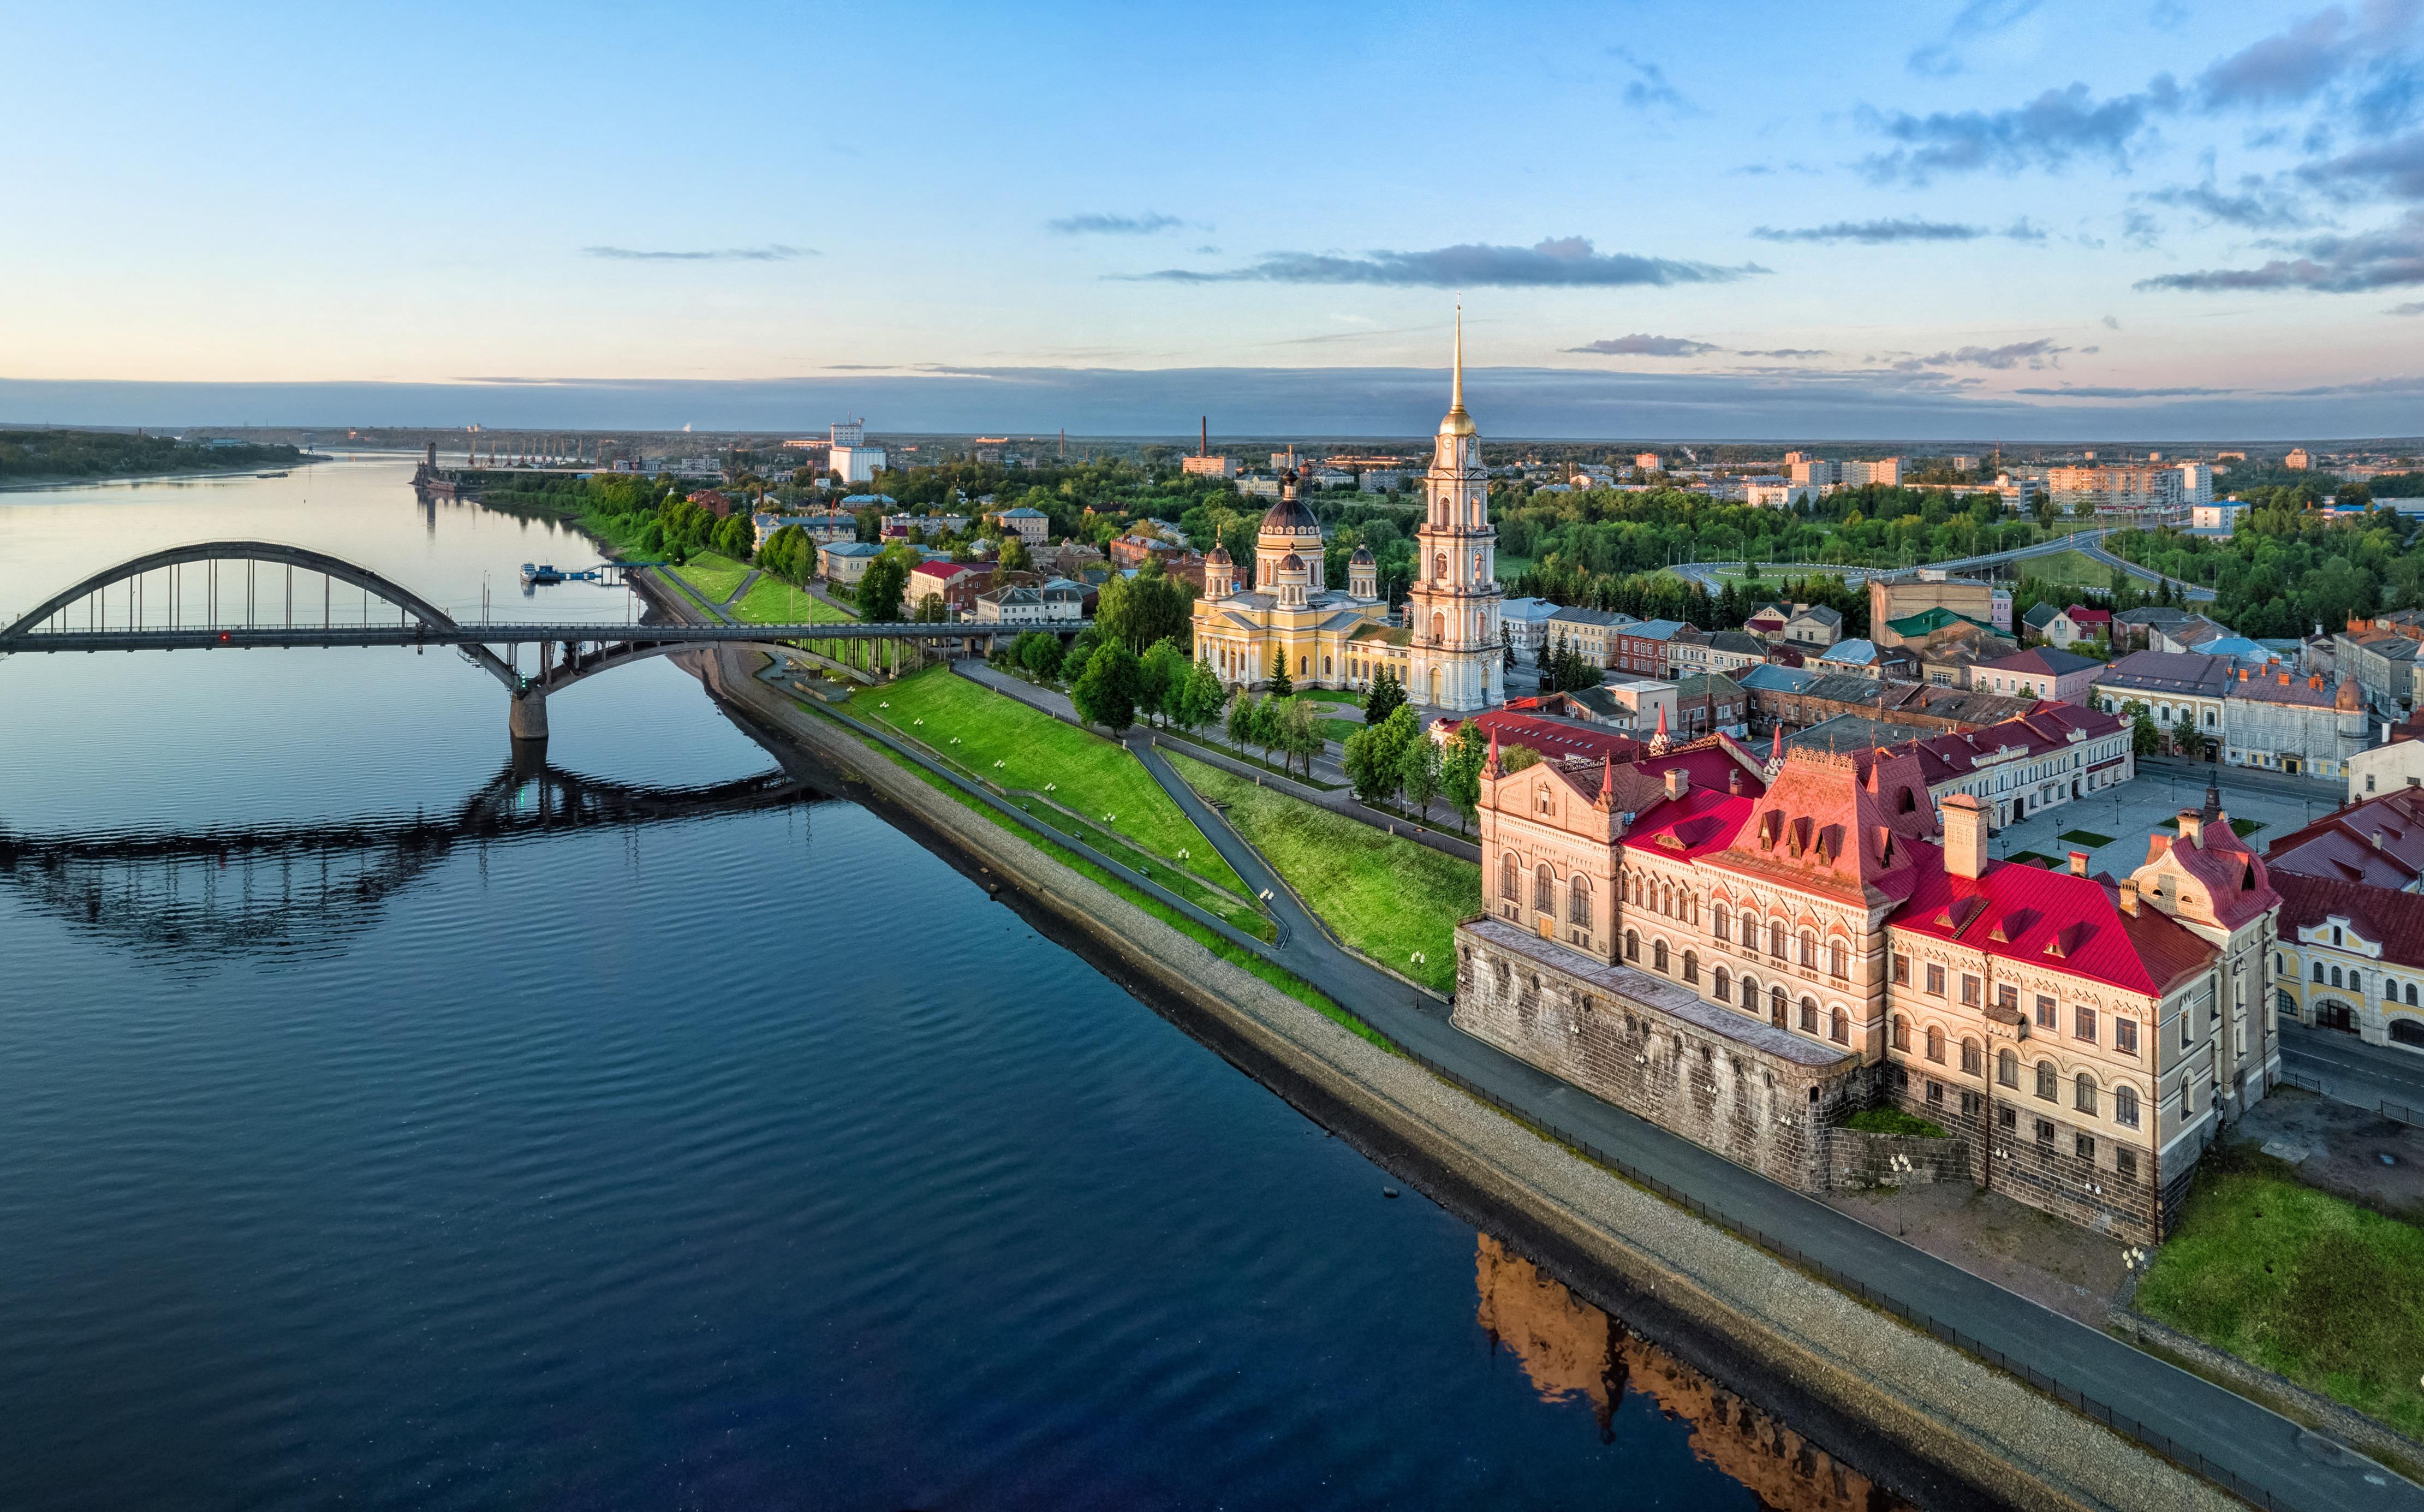 Russia's iconic Volga River